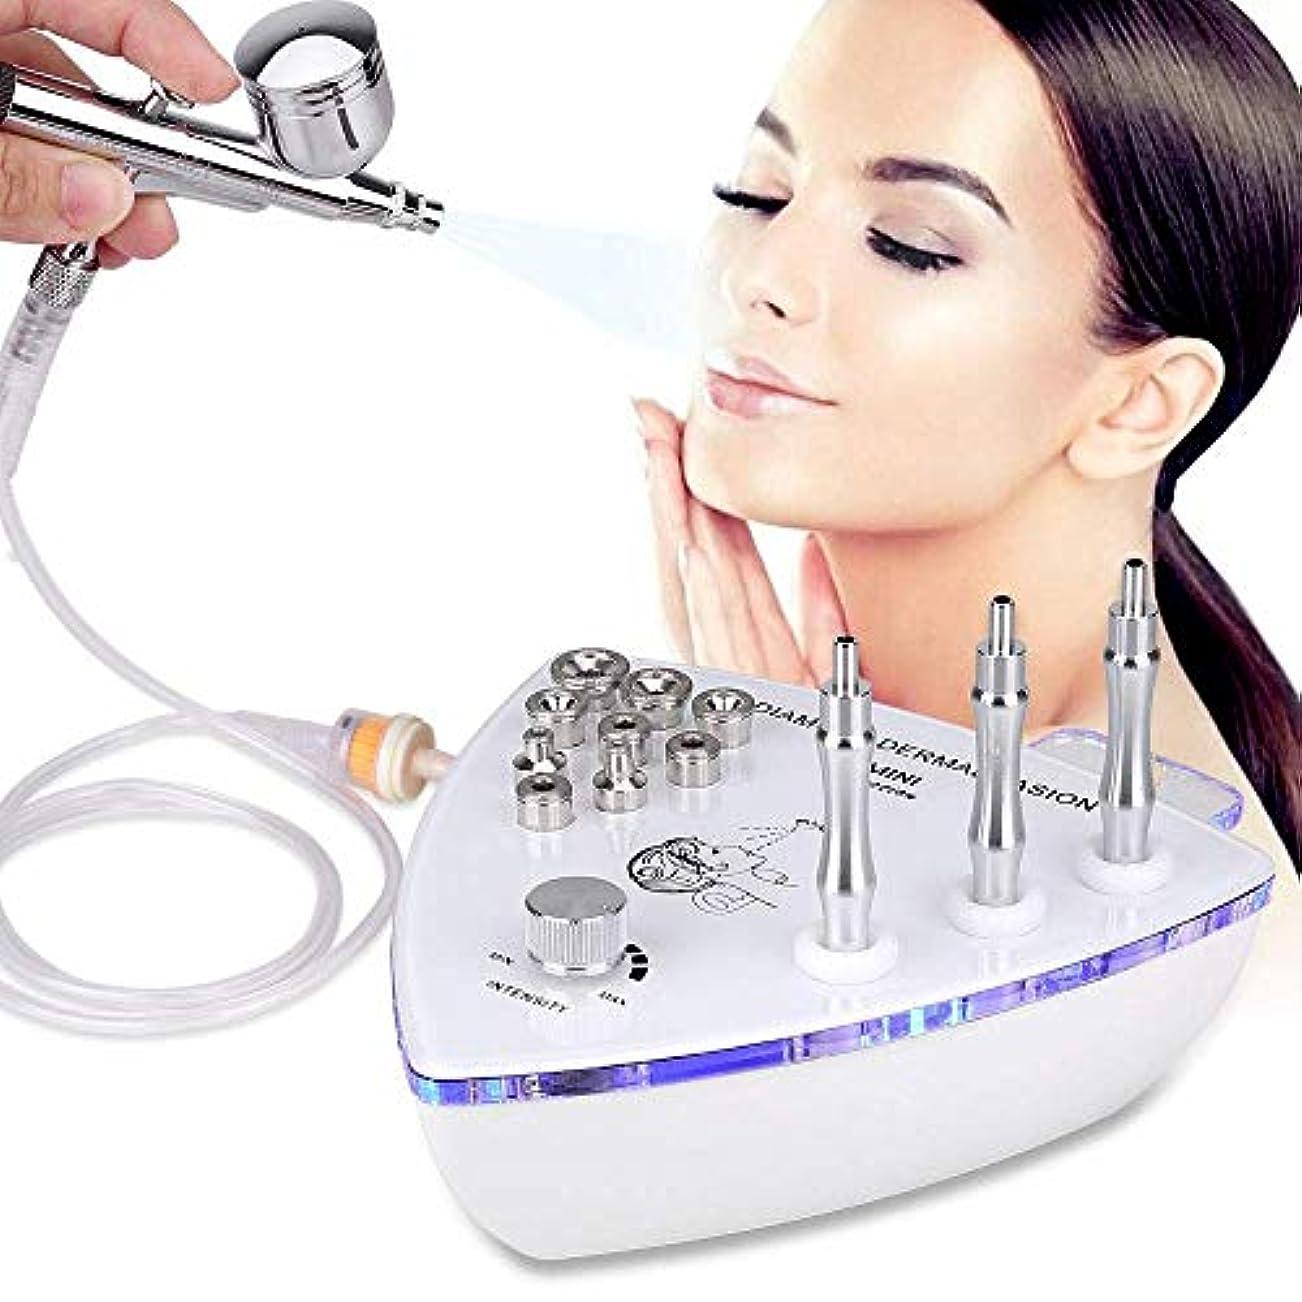 スプレーガン、プロ用皮膚剥離機、ウォータースプレー剥離顔面美容機付きダイヤモンドマイクロダーマブレーション皮膚剥離機(強力な吸引力:0-68cmHg)